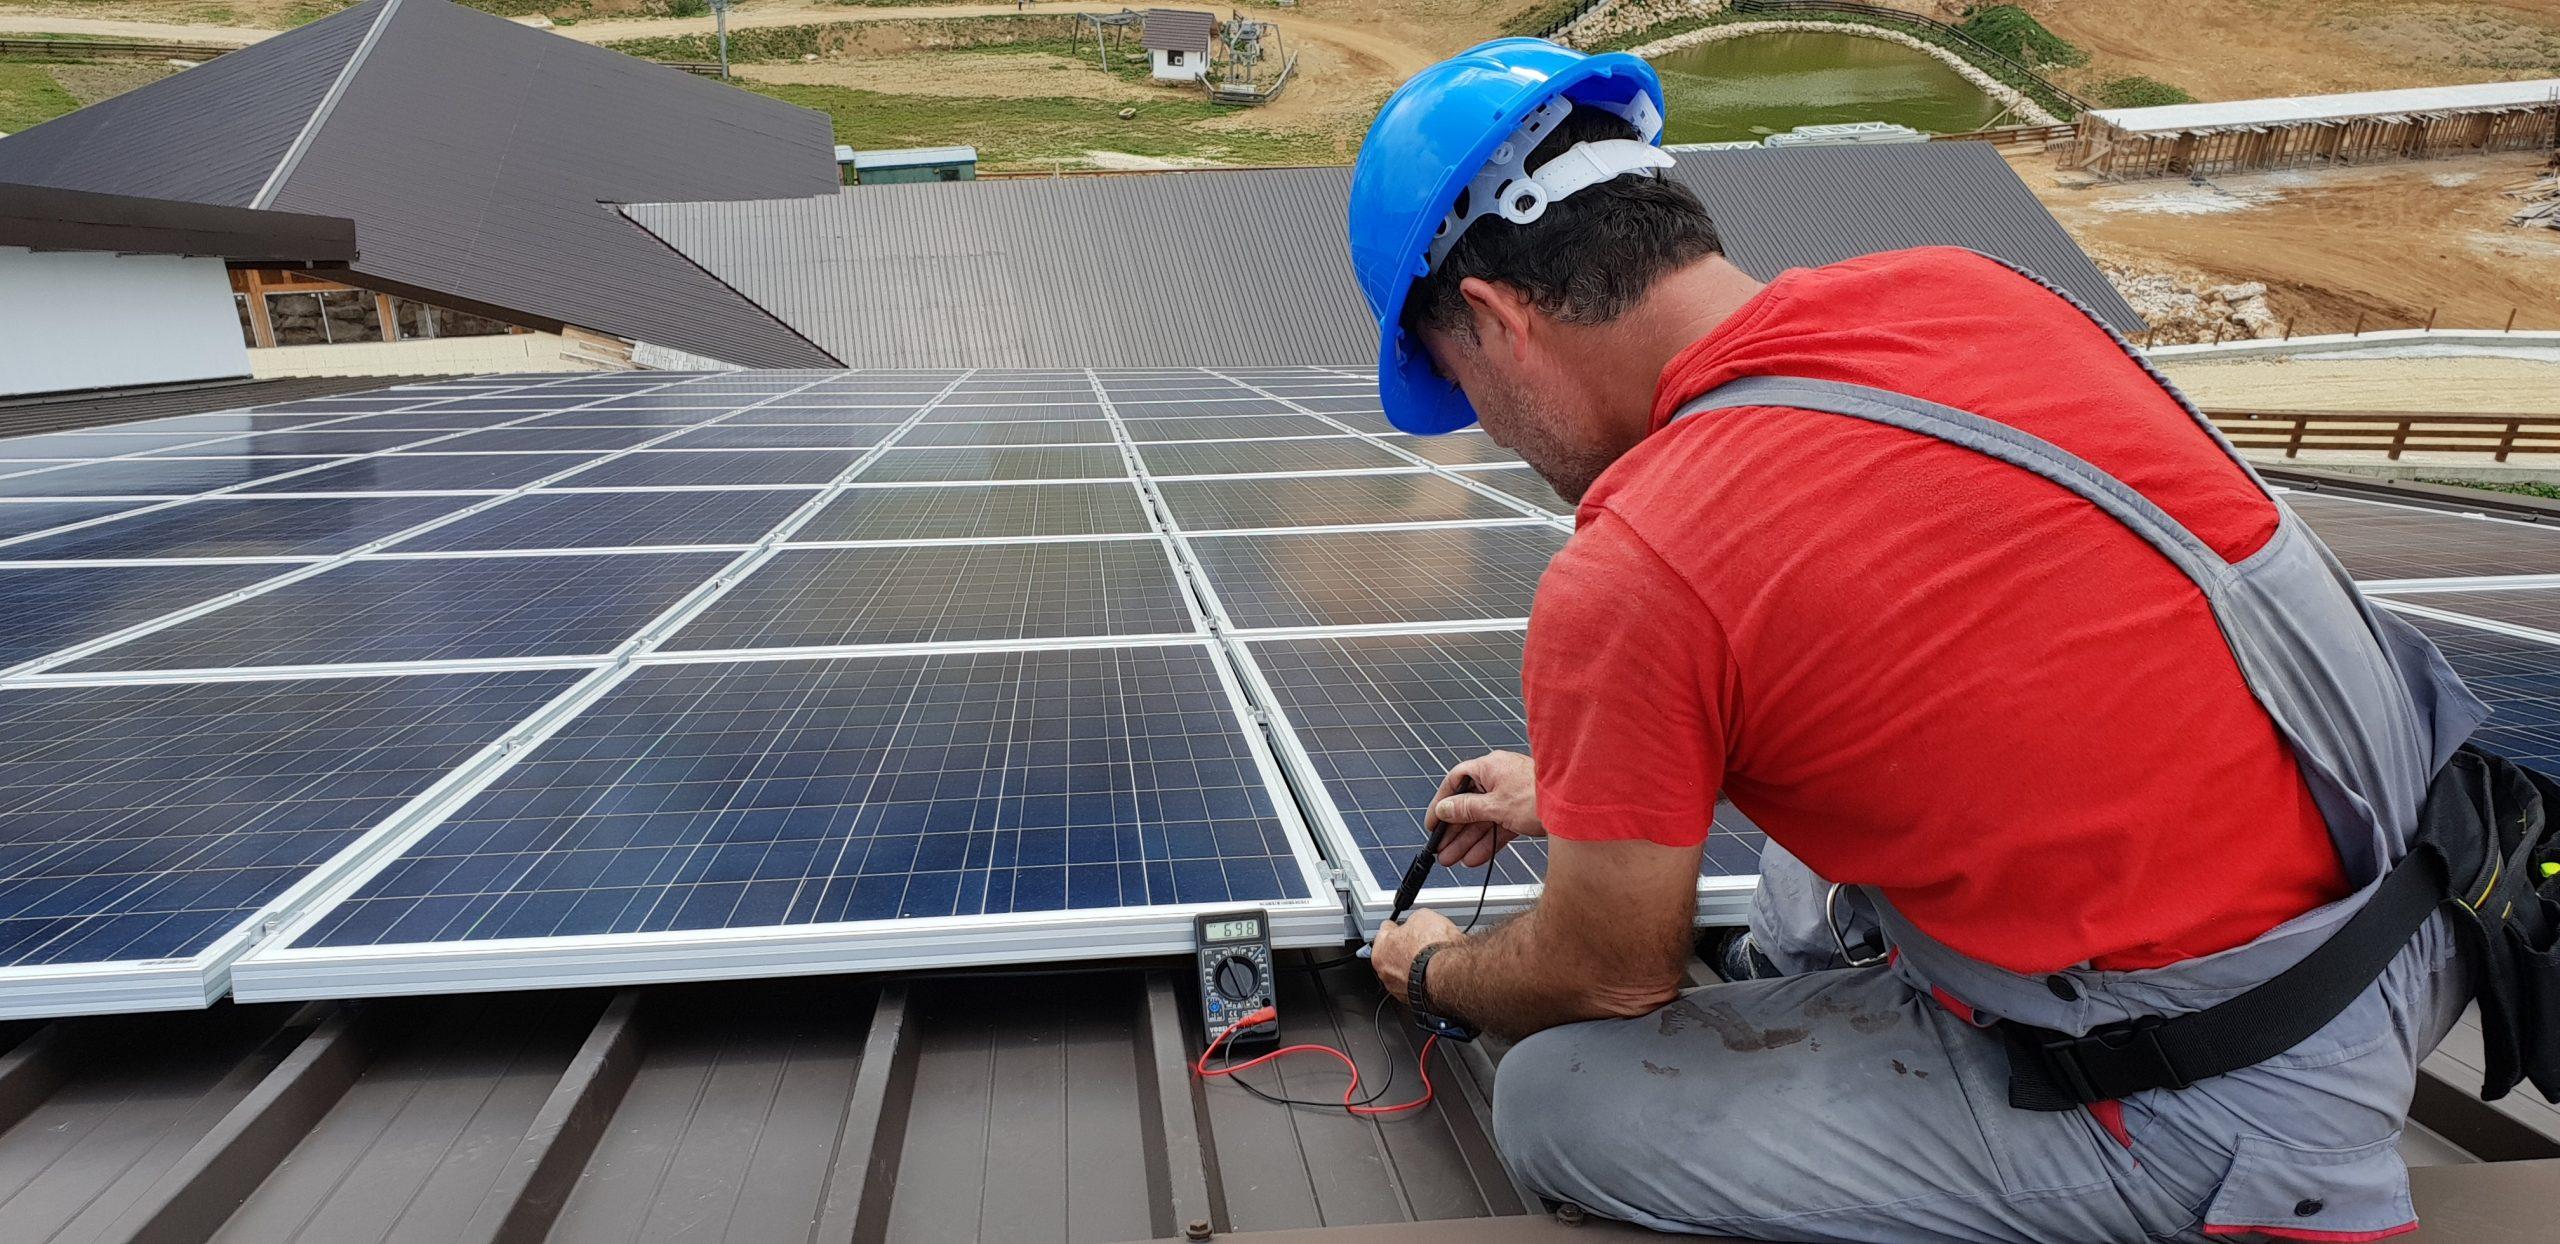 MERCADO DE ENERGIA SOLAR TRIPLICOU NO BRASIL NO ÚLTIMO ANO